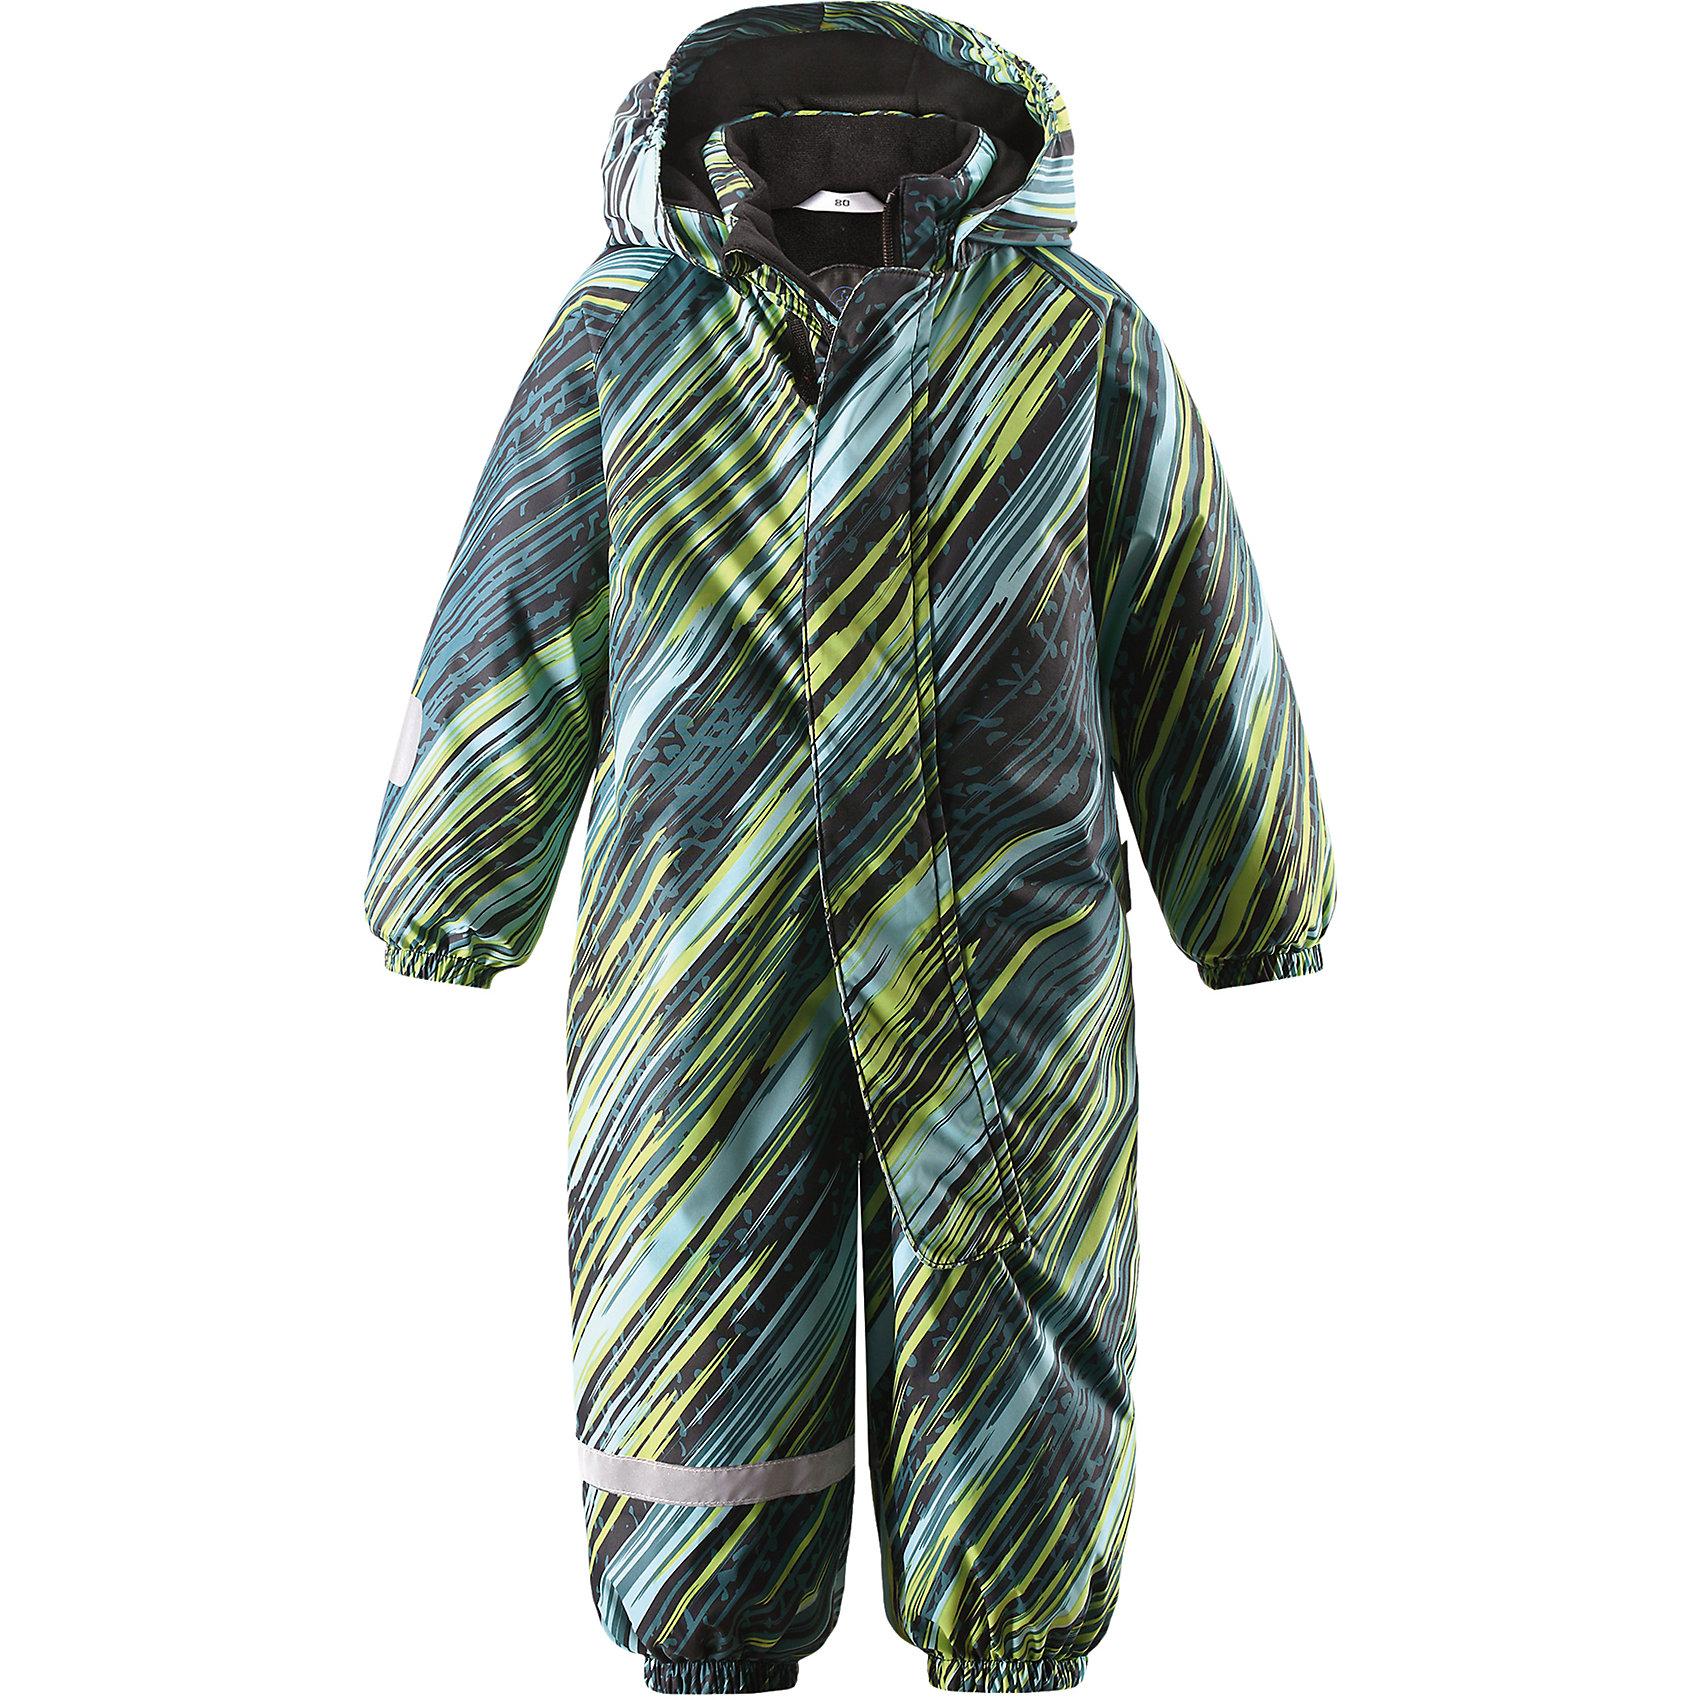 Комбинезон Lassietec LassieВерхняя одежда<br>Характеристики товара:<br><br>• цвет: зеленый;<br>• состав: 100% полиэстер, полиуретановое покрытие;<br>• подкладка: 100% полиэстер;<br>• утеплитель: 180 г/м2;<br>• сезон: зима;<br>• температурный режим: от 0 до -20С;<br>• водонепроницаемость: 5000 мм;<br>• воздухопроницаемость: 5000 мм;<br>• износостойкость: 20000 циклов (тест Мартиндейла)<br>• застежка: молния с защитой подбородка;<br>• водо- и ветронепроницаемый, дышащий и грязеотталкивающий материал;<br>• внешние швы проклеены;<br>• гладкая подкладка из полиэстера;<br>• безопасный съемный капюшон на кнопках; <br>• эластичная талия и манжеты рукавов;<br>• эластичные штанины;<br>• съемные эластичные штрипки;<br>• светоотражающие детали;<br>• страна бренда: Финляндия;<br>• страна изготовитель: Китай;<br><br>Этот стильный зимний комбинезон для малышей изготовлен из сверхпрочного и водонепроницаемого материала. Идеальный выбор для активных детей, которые любят играть на улице – и не важно, какая погода! Все внешние швы проклеены, так что малышу будет тепло и сухо. Съемный капюшон безопасен и практичен во время игр на свежем воздухе. Длинная молния спереди облегчает надевание, а в удобные карманы войдут все найденные за день сокровища. Благодаря съемным штрипкам концы брючин не задираются во время игры.<br><br>Комбинезон Lassietec Lassie (Ласси) можно купить в нашем интернет-магазине.<br><br>Ширина мм: 356<br>Глубина мм: 10<br>Высота мм: 245<br>Вес г: 519<br>Цвет: зеленый<br>Возраст от месяцев: 24<br>Возраст до месяцев: 36<br>Пол: Унисекс<br>Возраст: Детский<br>Размер: 98,74,80,86,92<br>SKU: 6905322